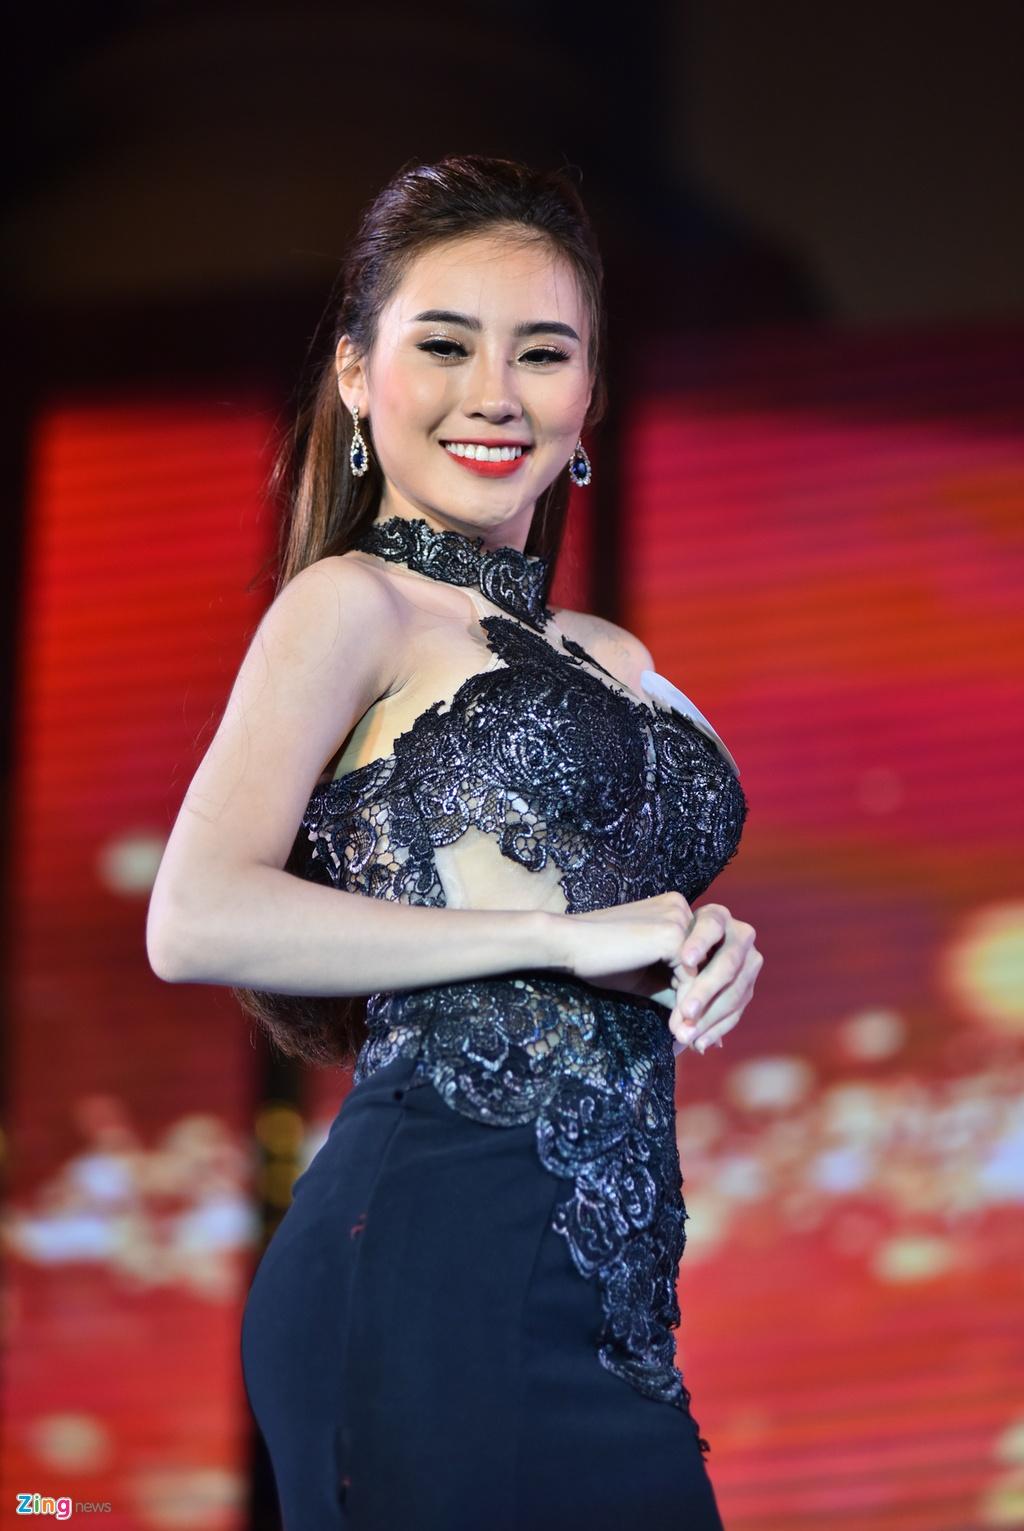 Dai hoc Phuong Dong tim ra cap sinh vien dep nhat truong hinh anh 7